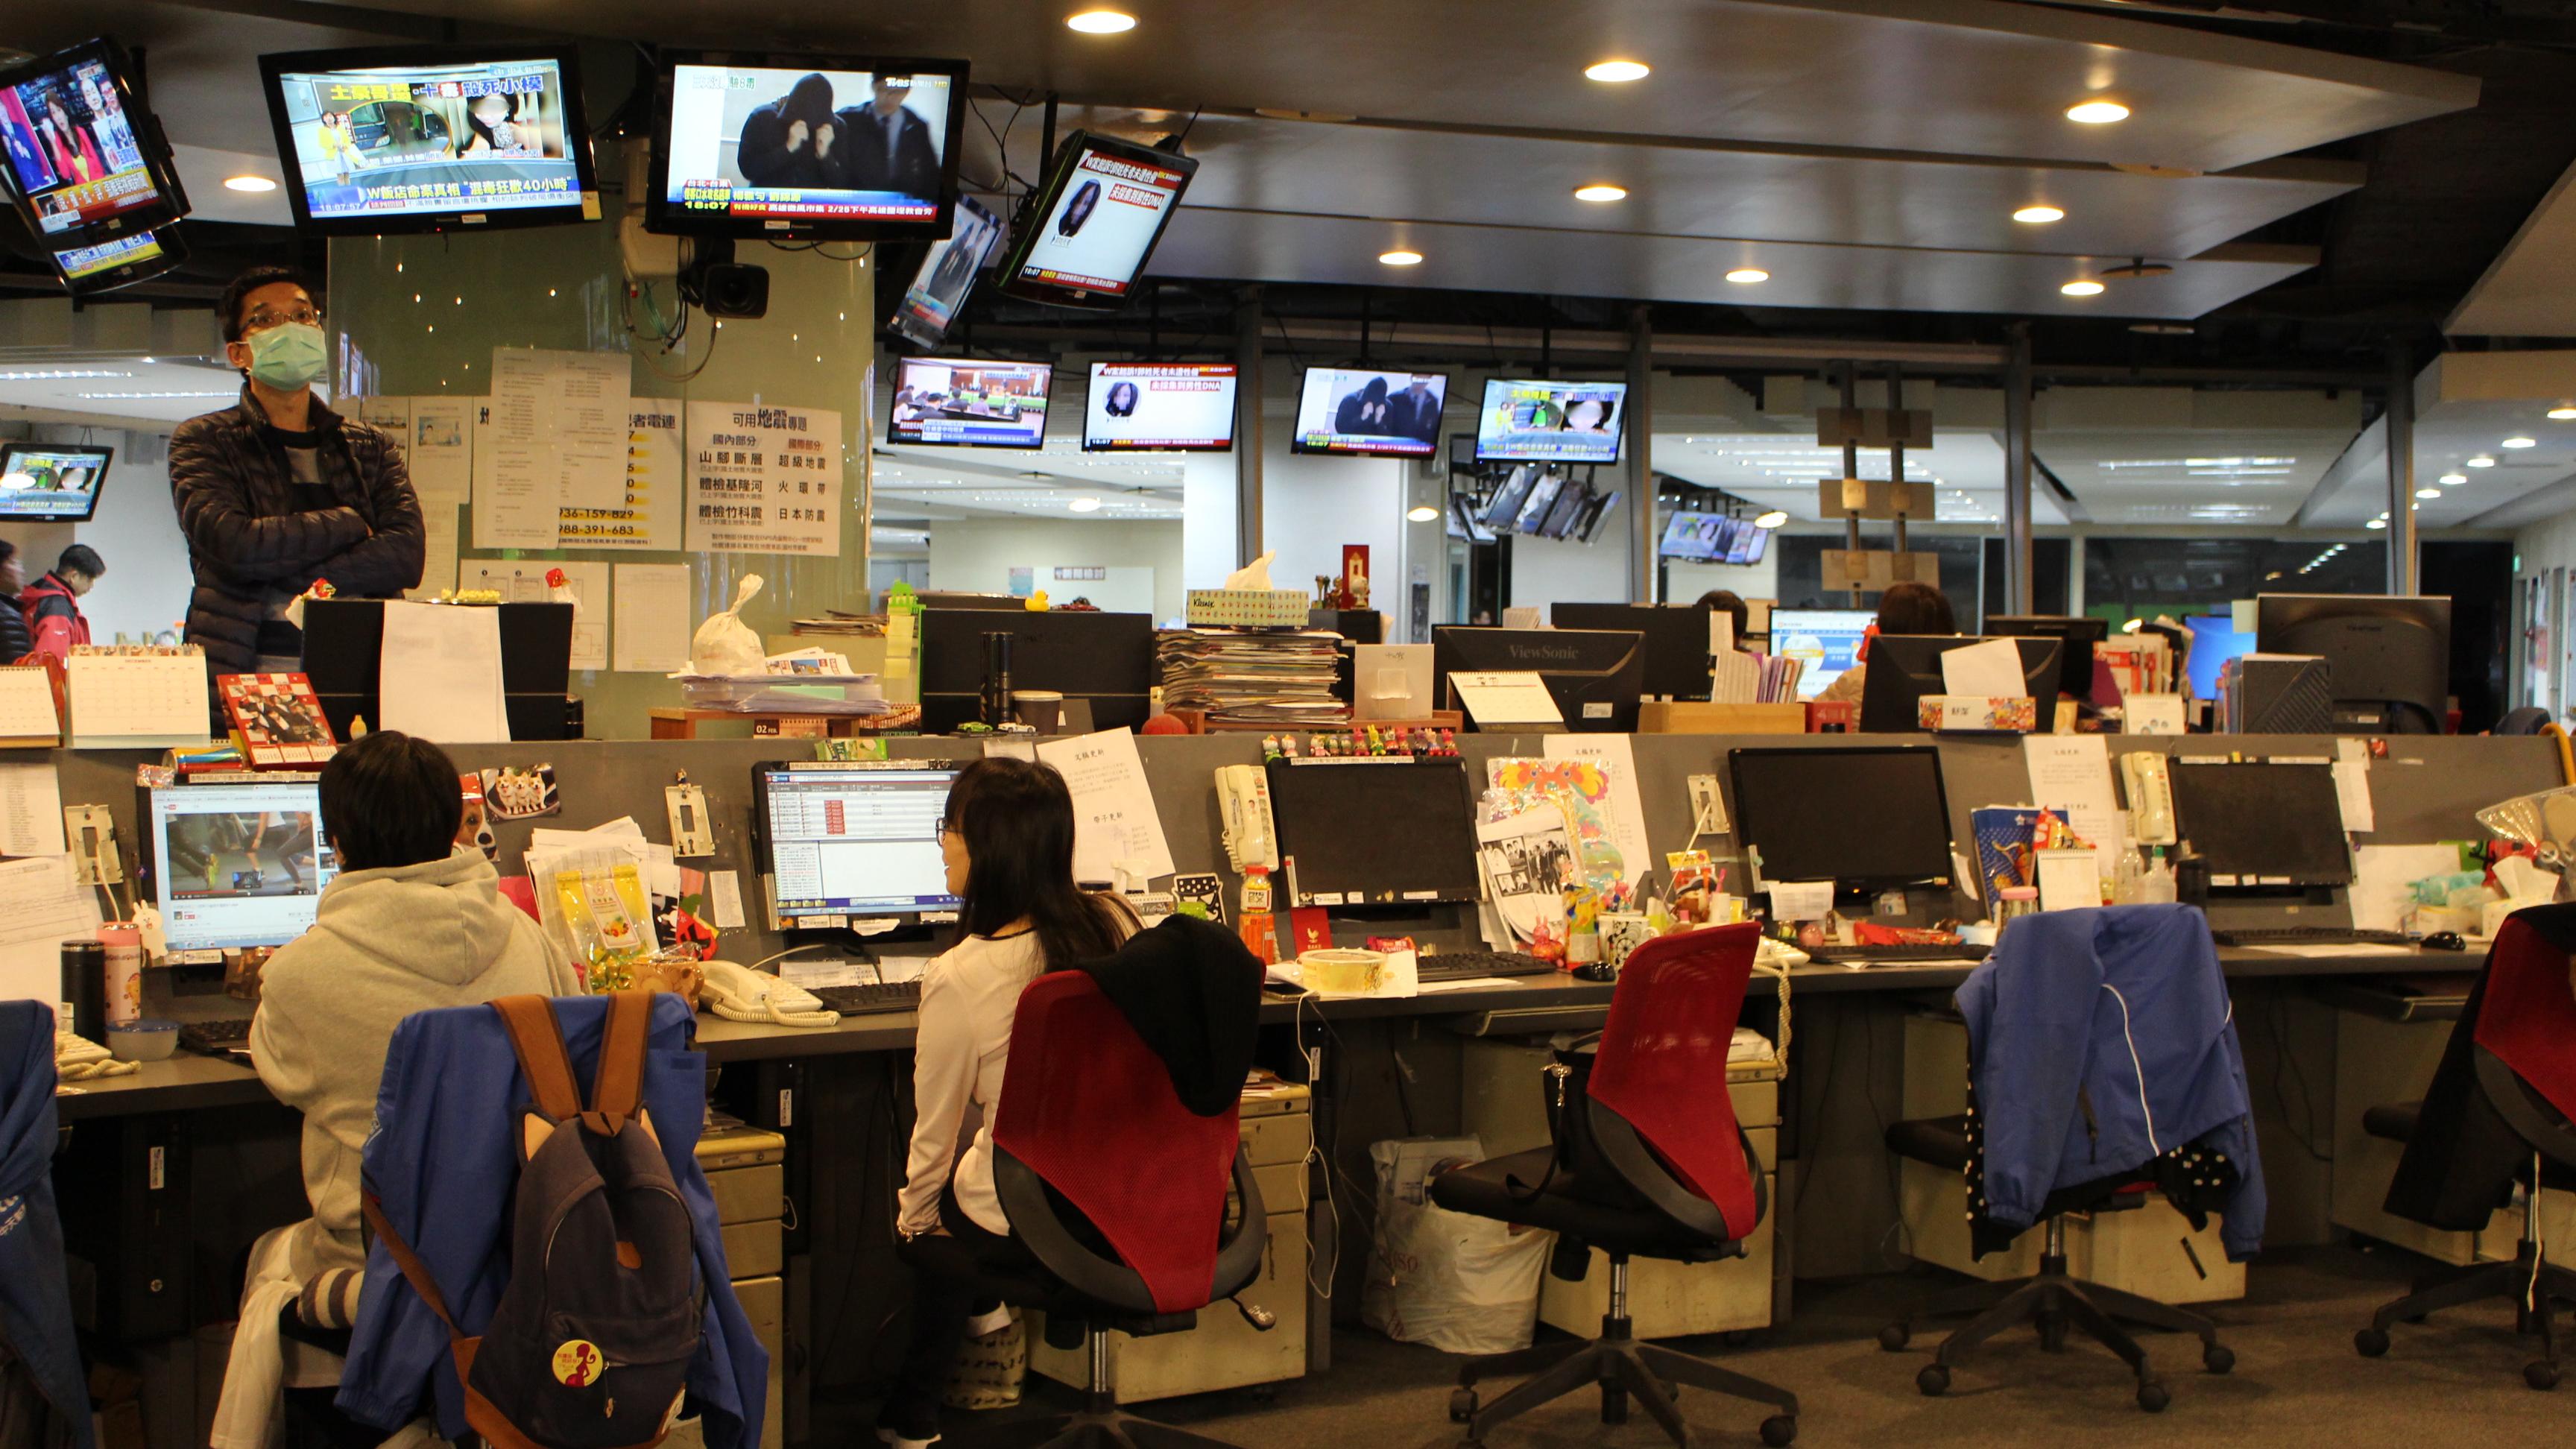 ▲新聞台國際新聞組工作概況。工作人員除編譯外電,亦須彙整資料,最終以最易理解的表達方式呈現於電視。